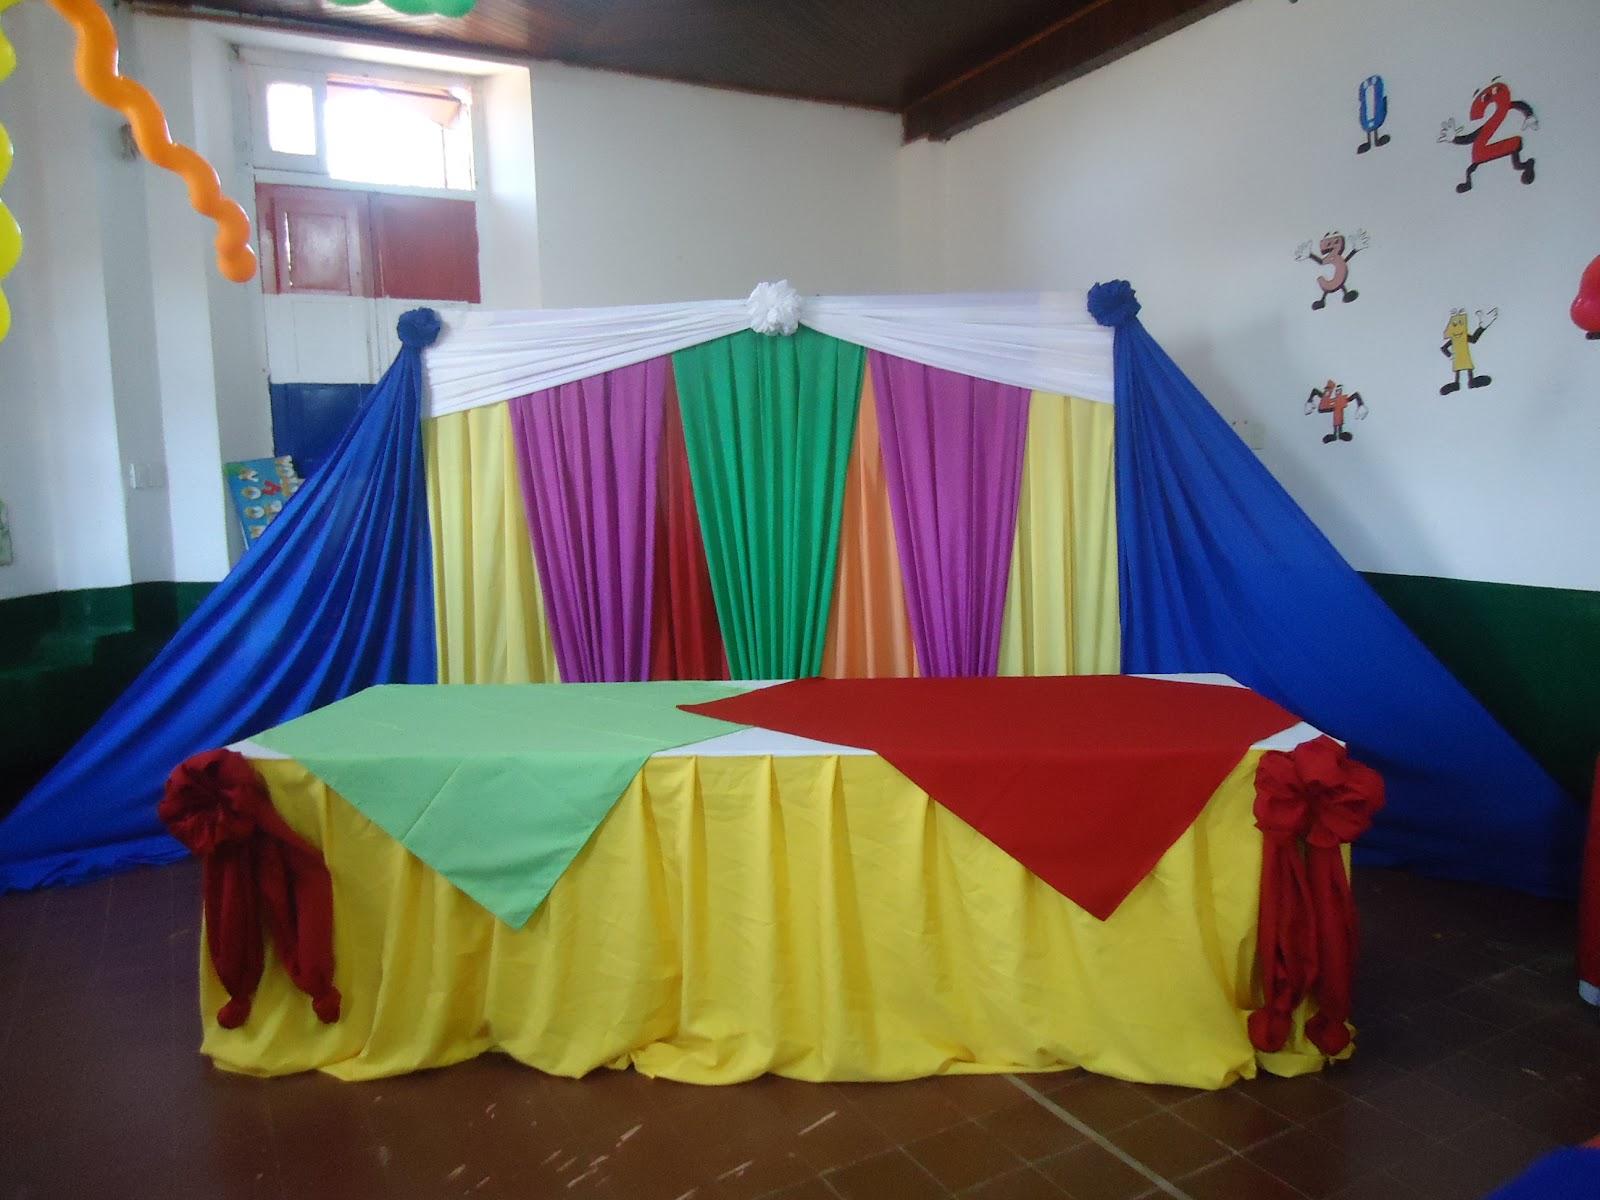 Luly creaciones todo para tus fiestas decoraci n for Decoracion 40